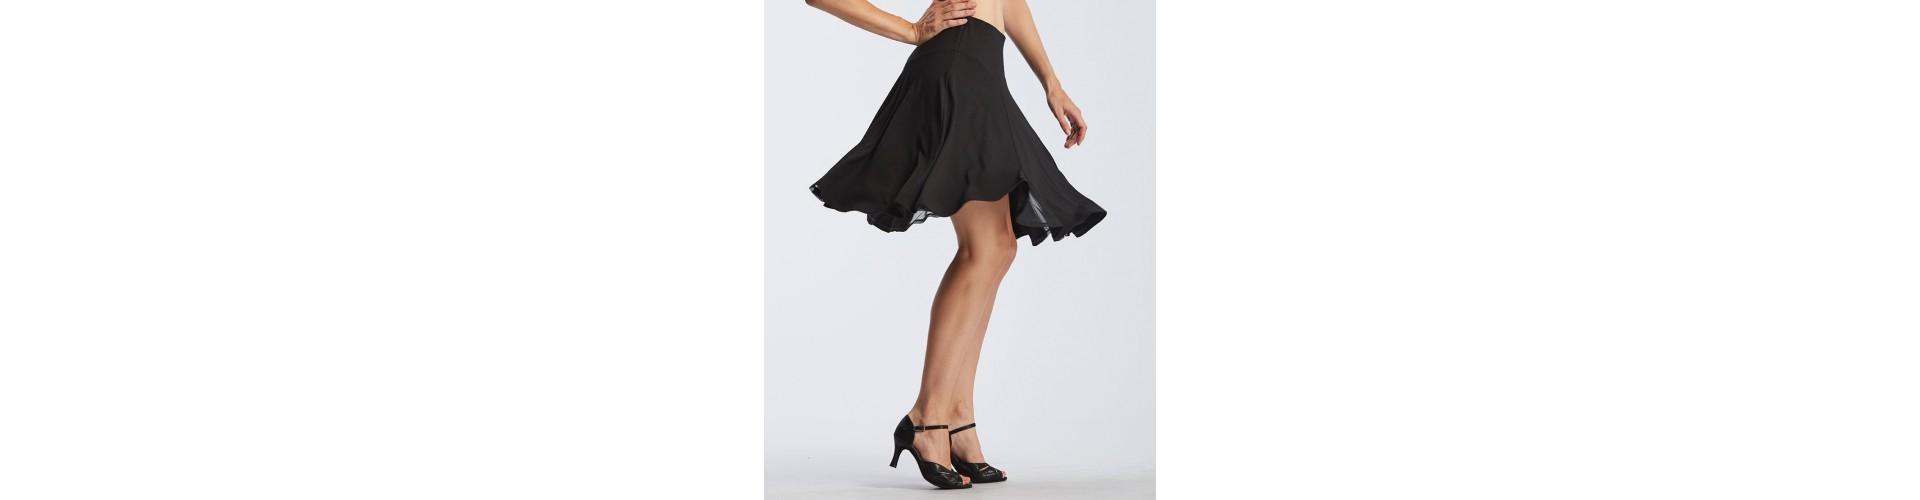 Jupes de danse femme